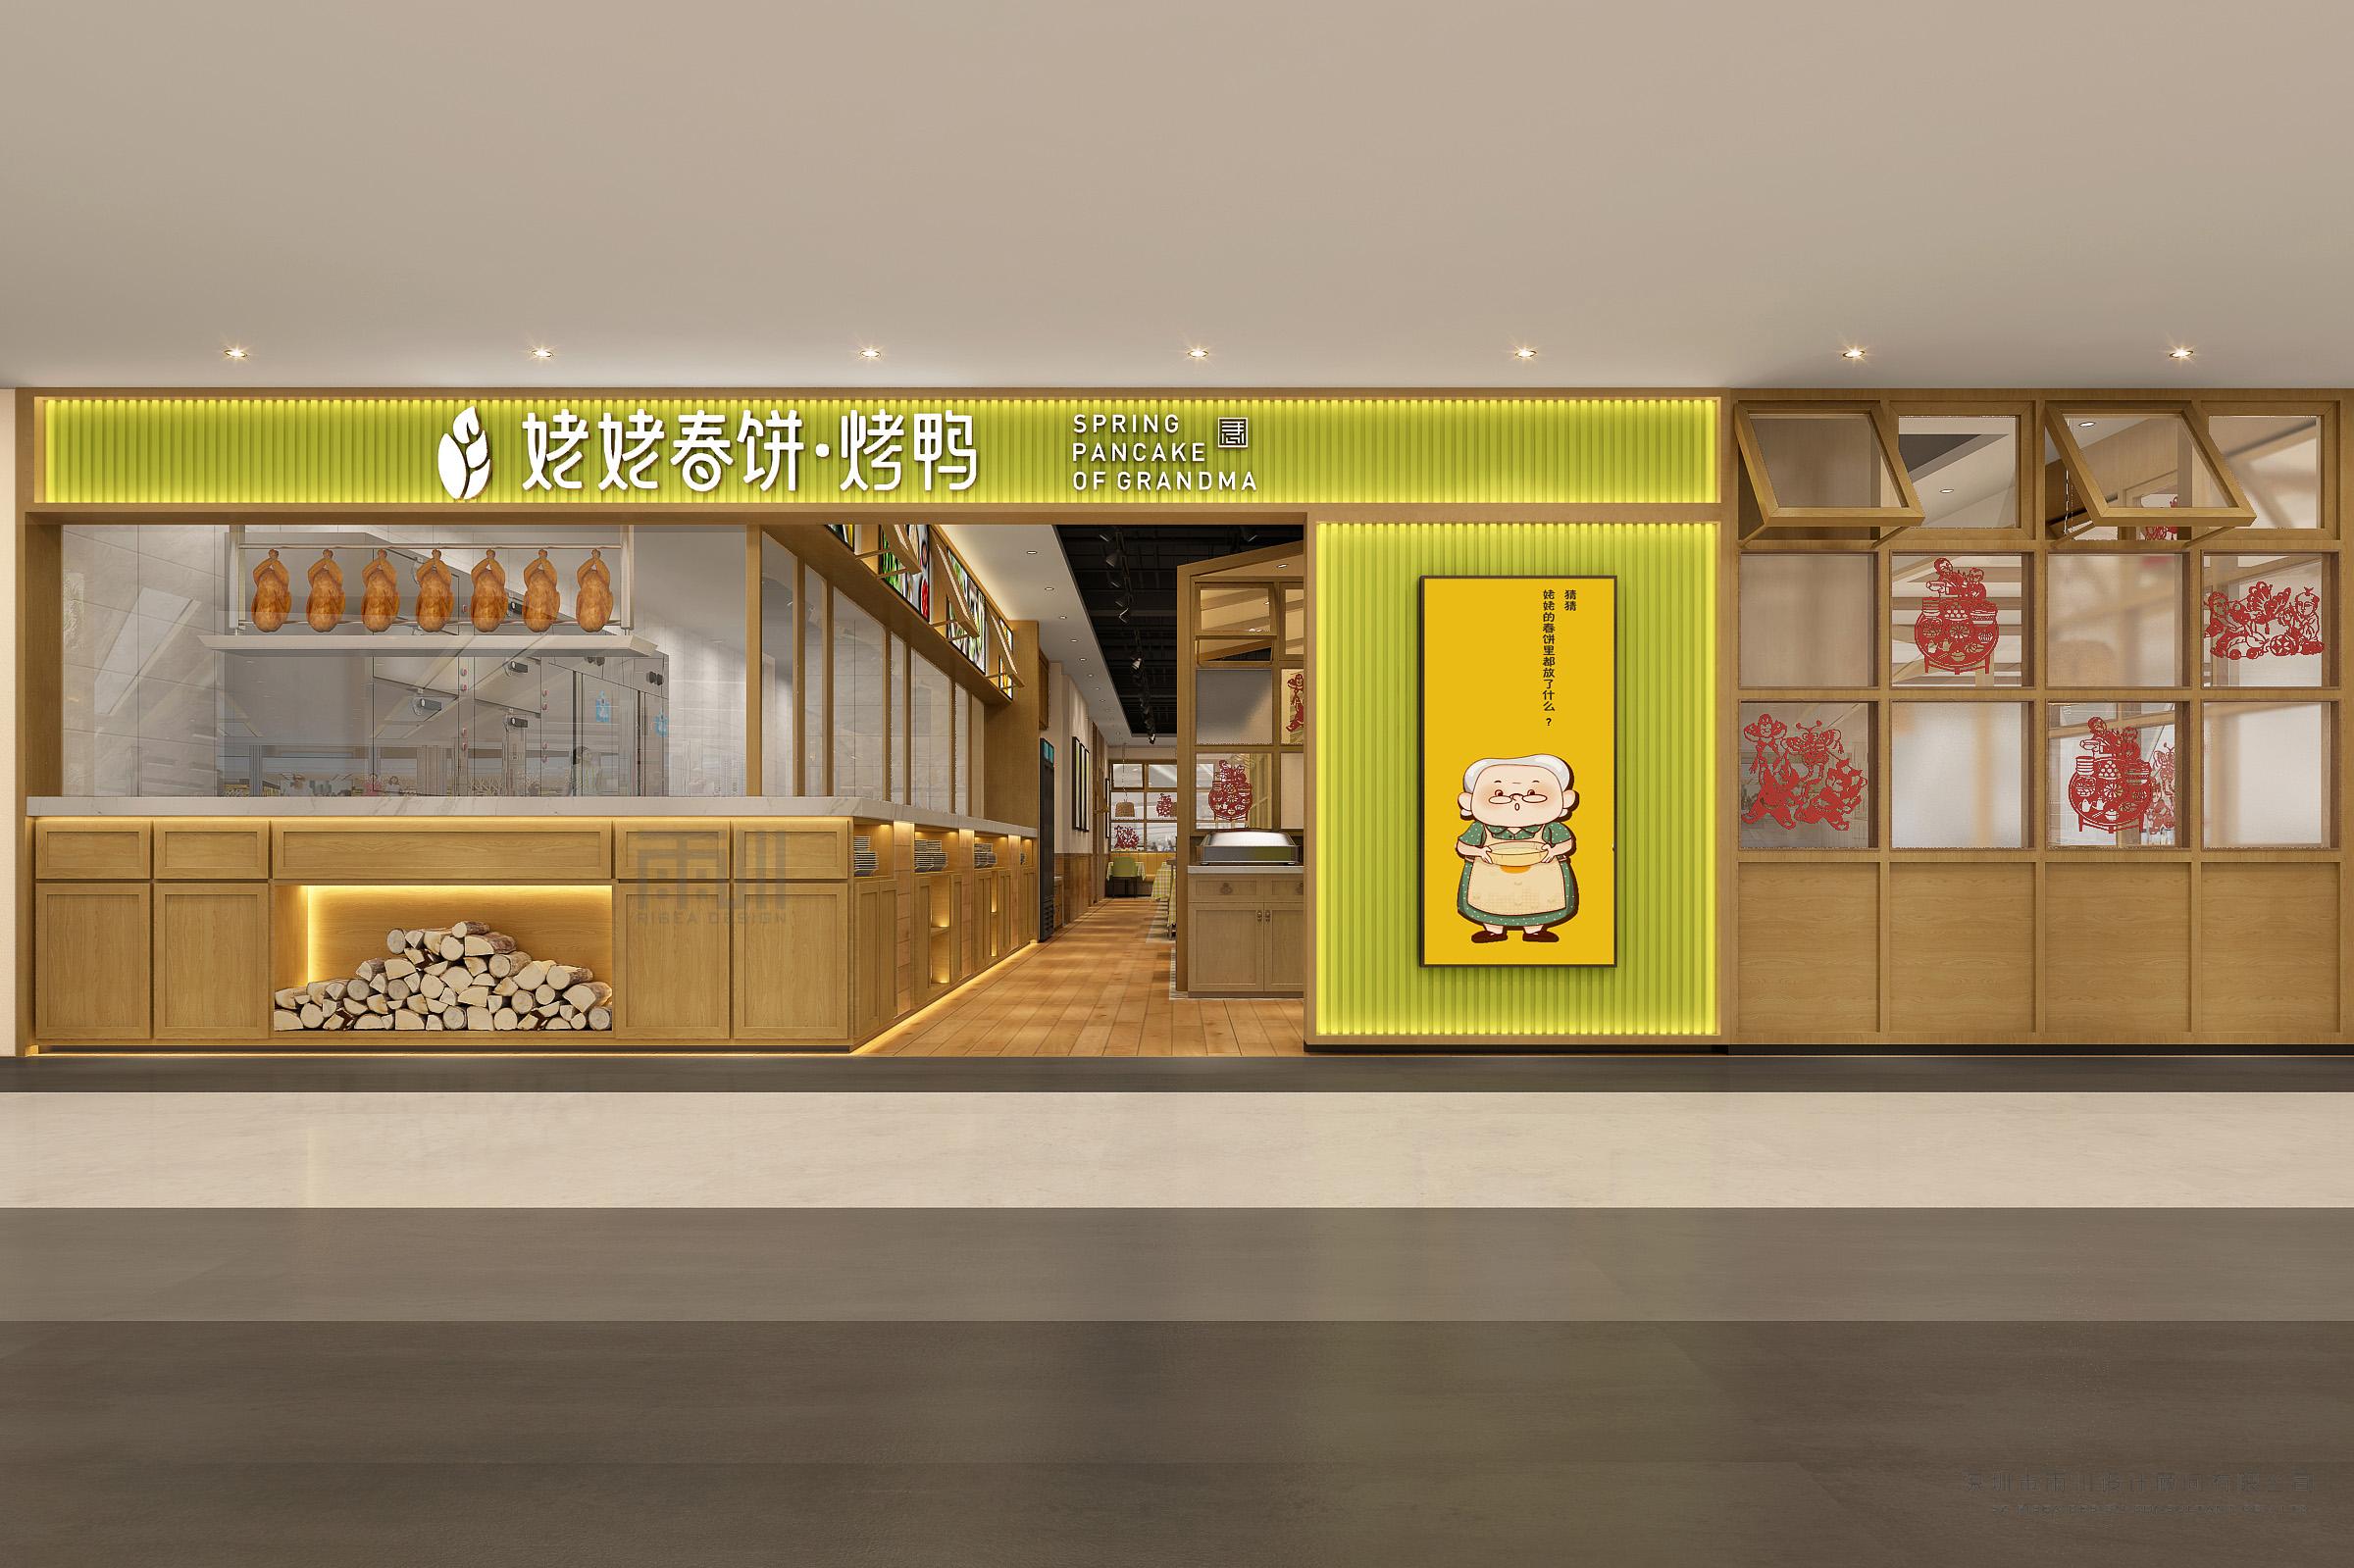 姥姥的春餅(漢神廣場店)休閑餐(can)廳設計效果圖